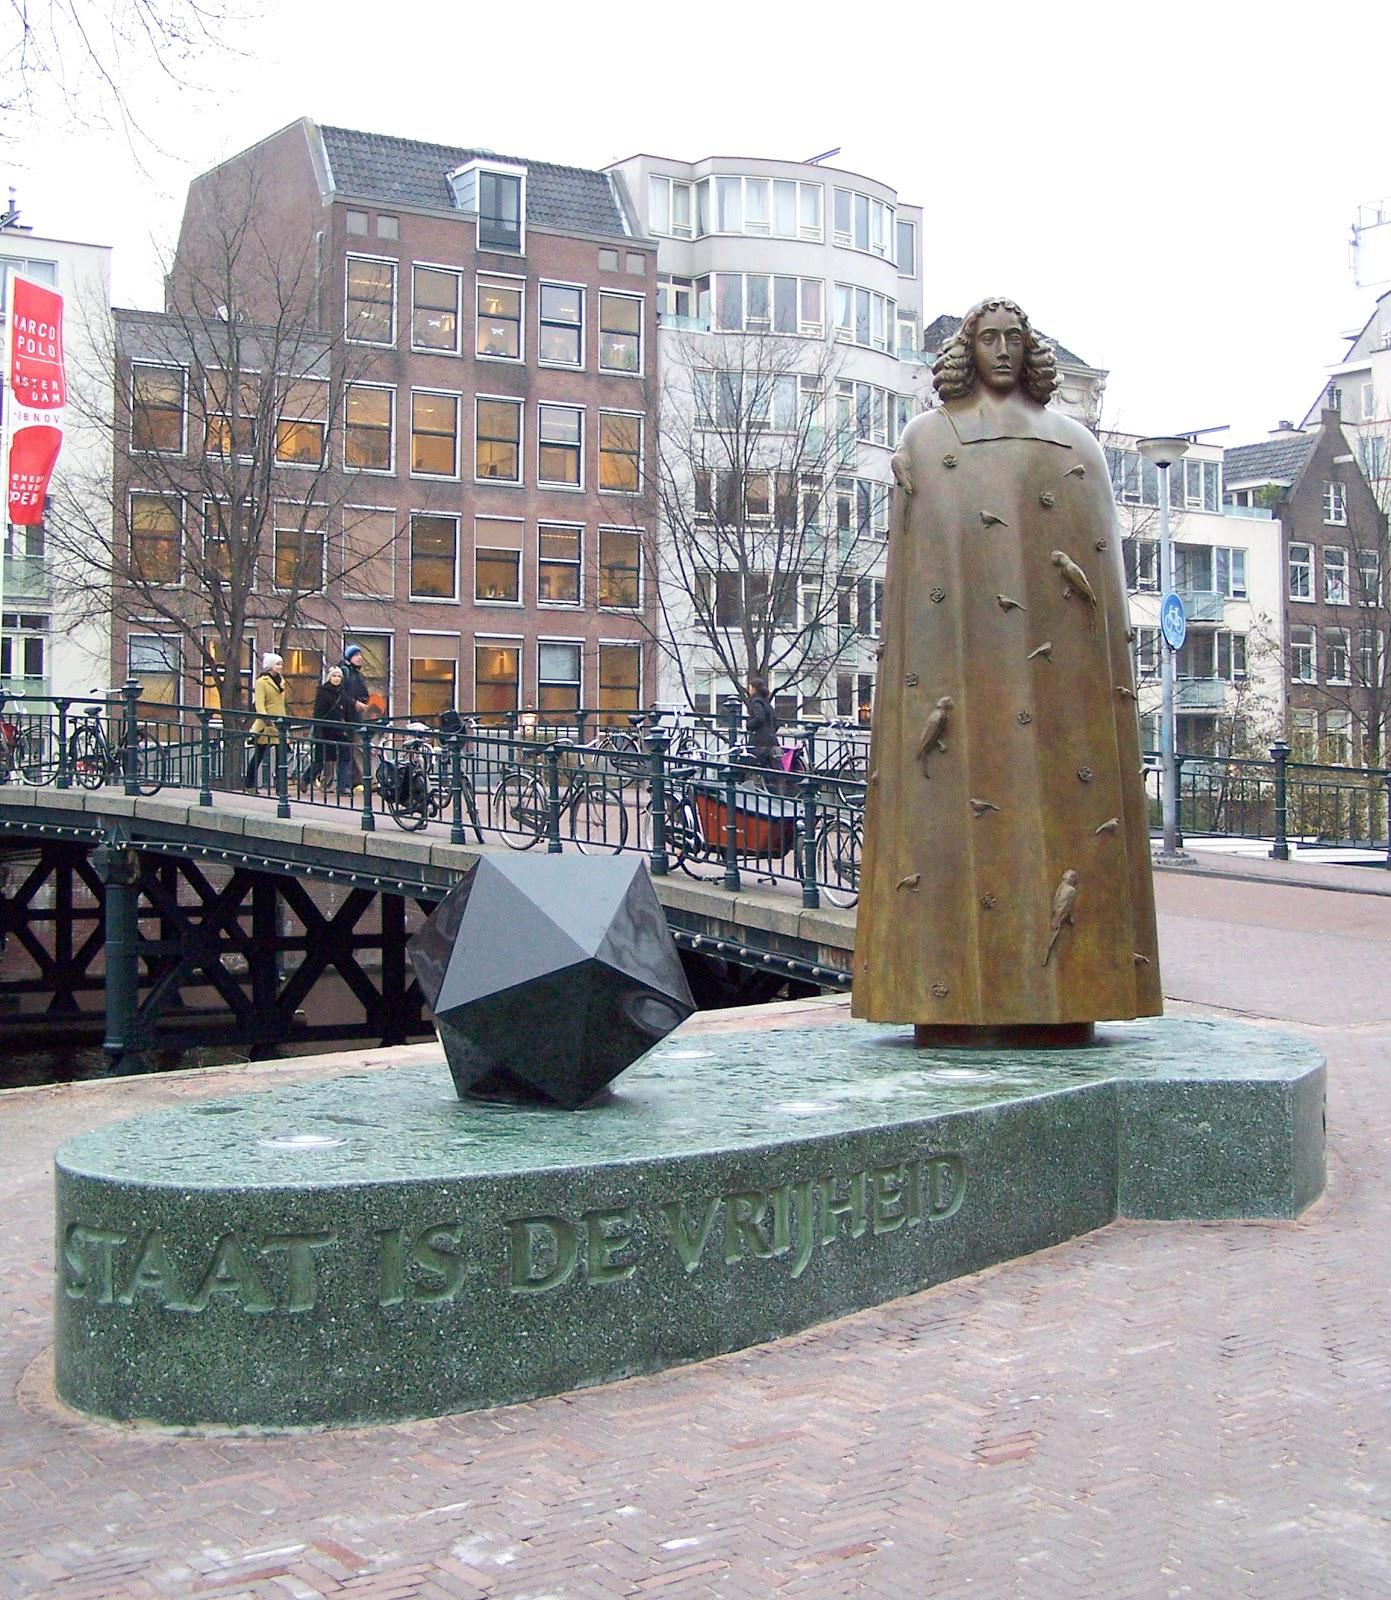 アムステルダムのズワーネンブルグワルのニコラス・ディング作成のバルーフ・デ・スピノザの彫像